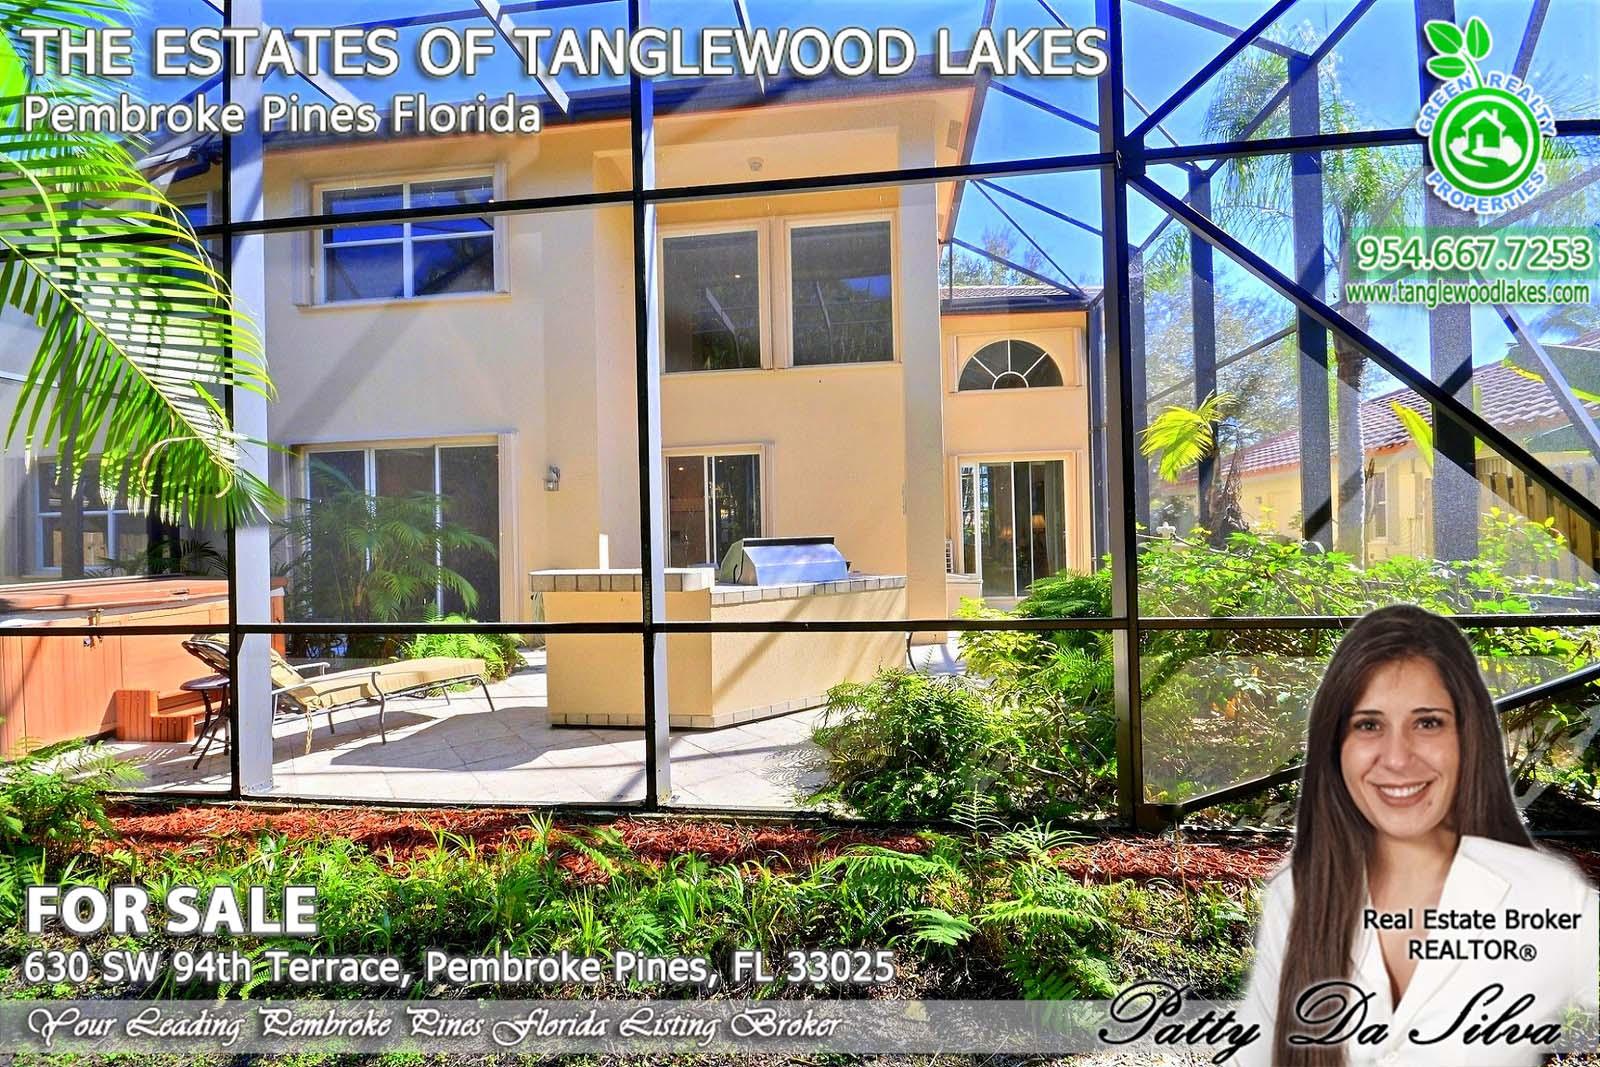 Top 10 Pembroke Pines Realtors